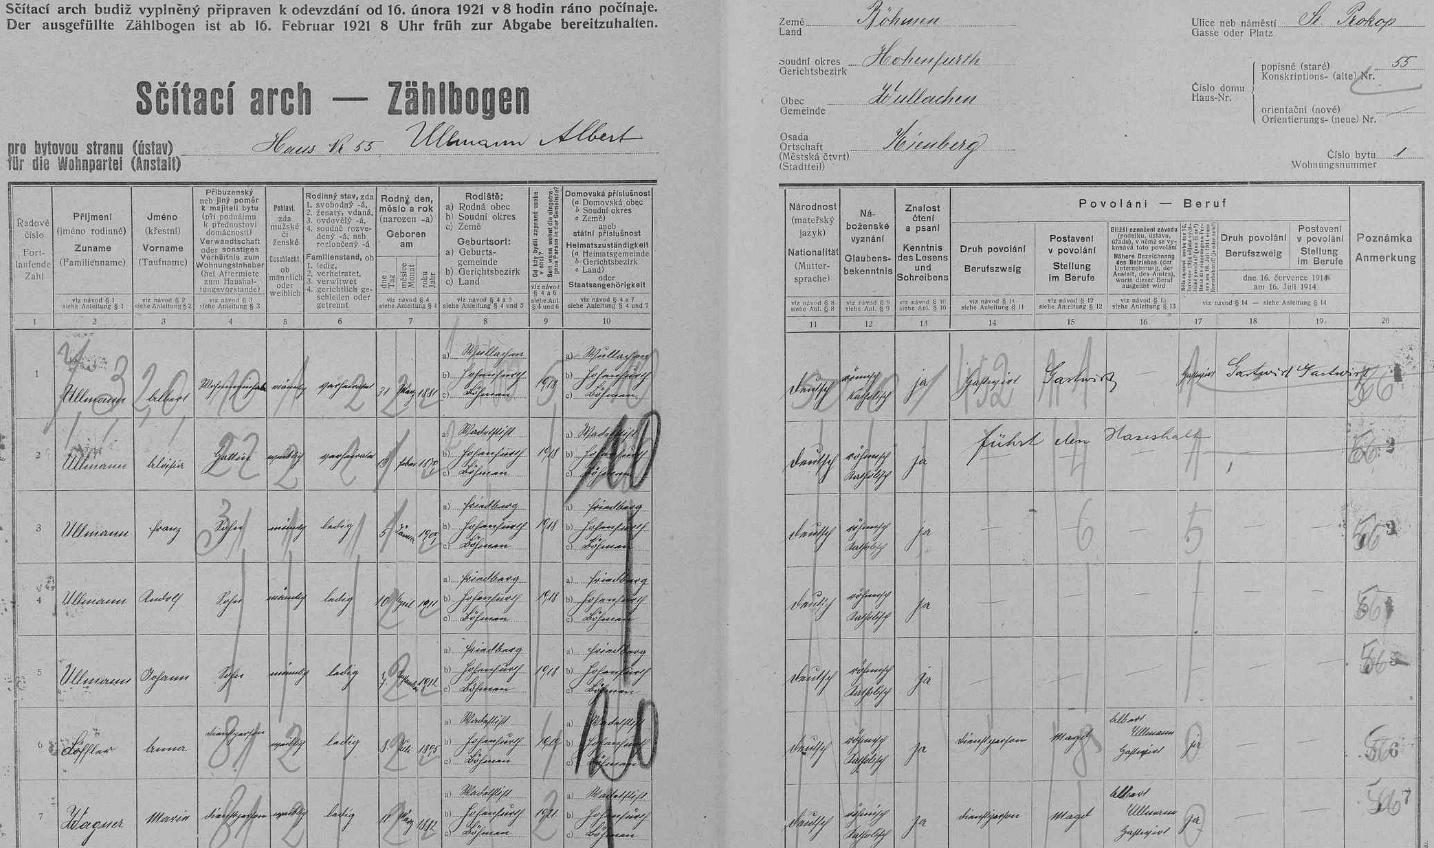 Arch sčítání lidu z roku 1921 pro dům čp. 55 ve Svatém Prokopu (Waldschenke), kde žil hostinský Ullmann s rodinou včetně syna Johanna (*7. září 1912 ve Frymburku)